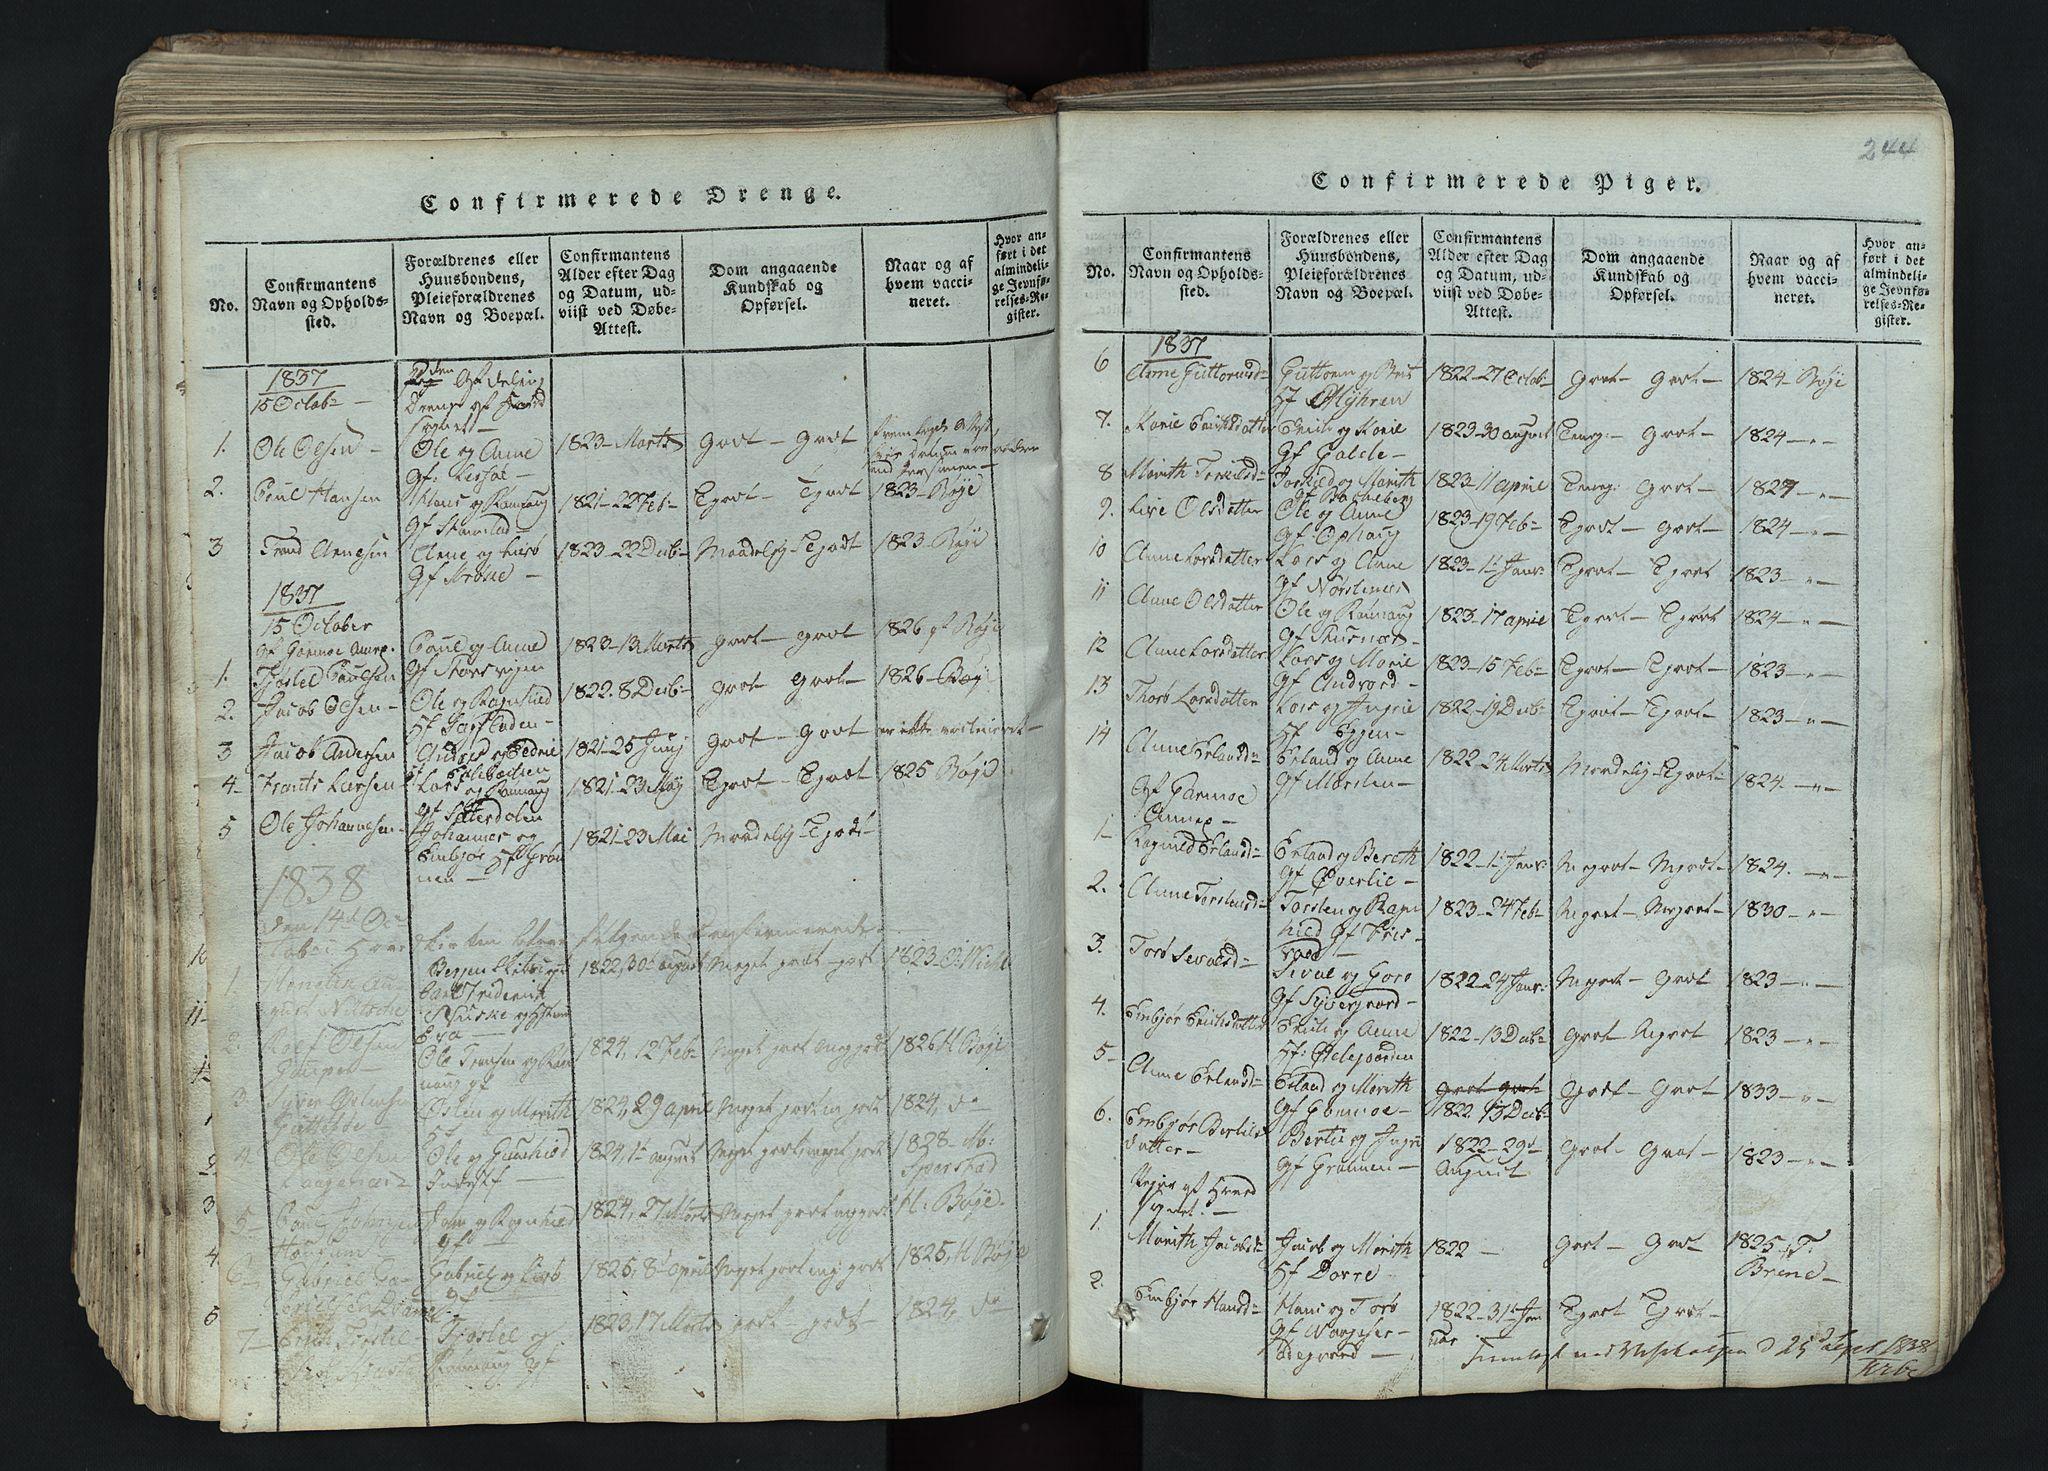 SAH, Lom prestekontor, L/L0002: Klokkerbok nr. 2, 1815-1844, s. 244